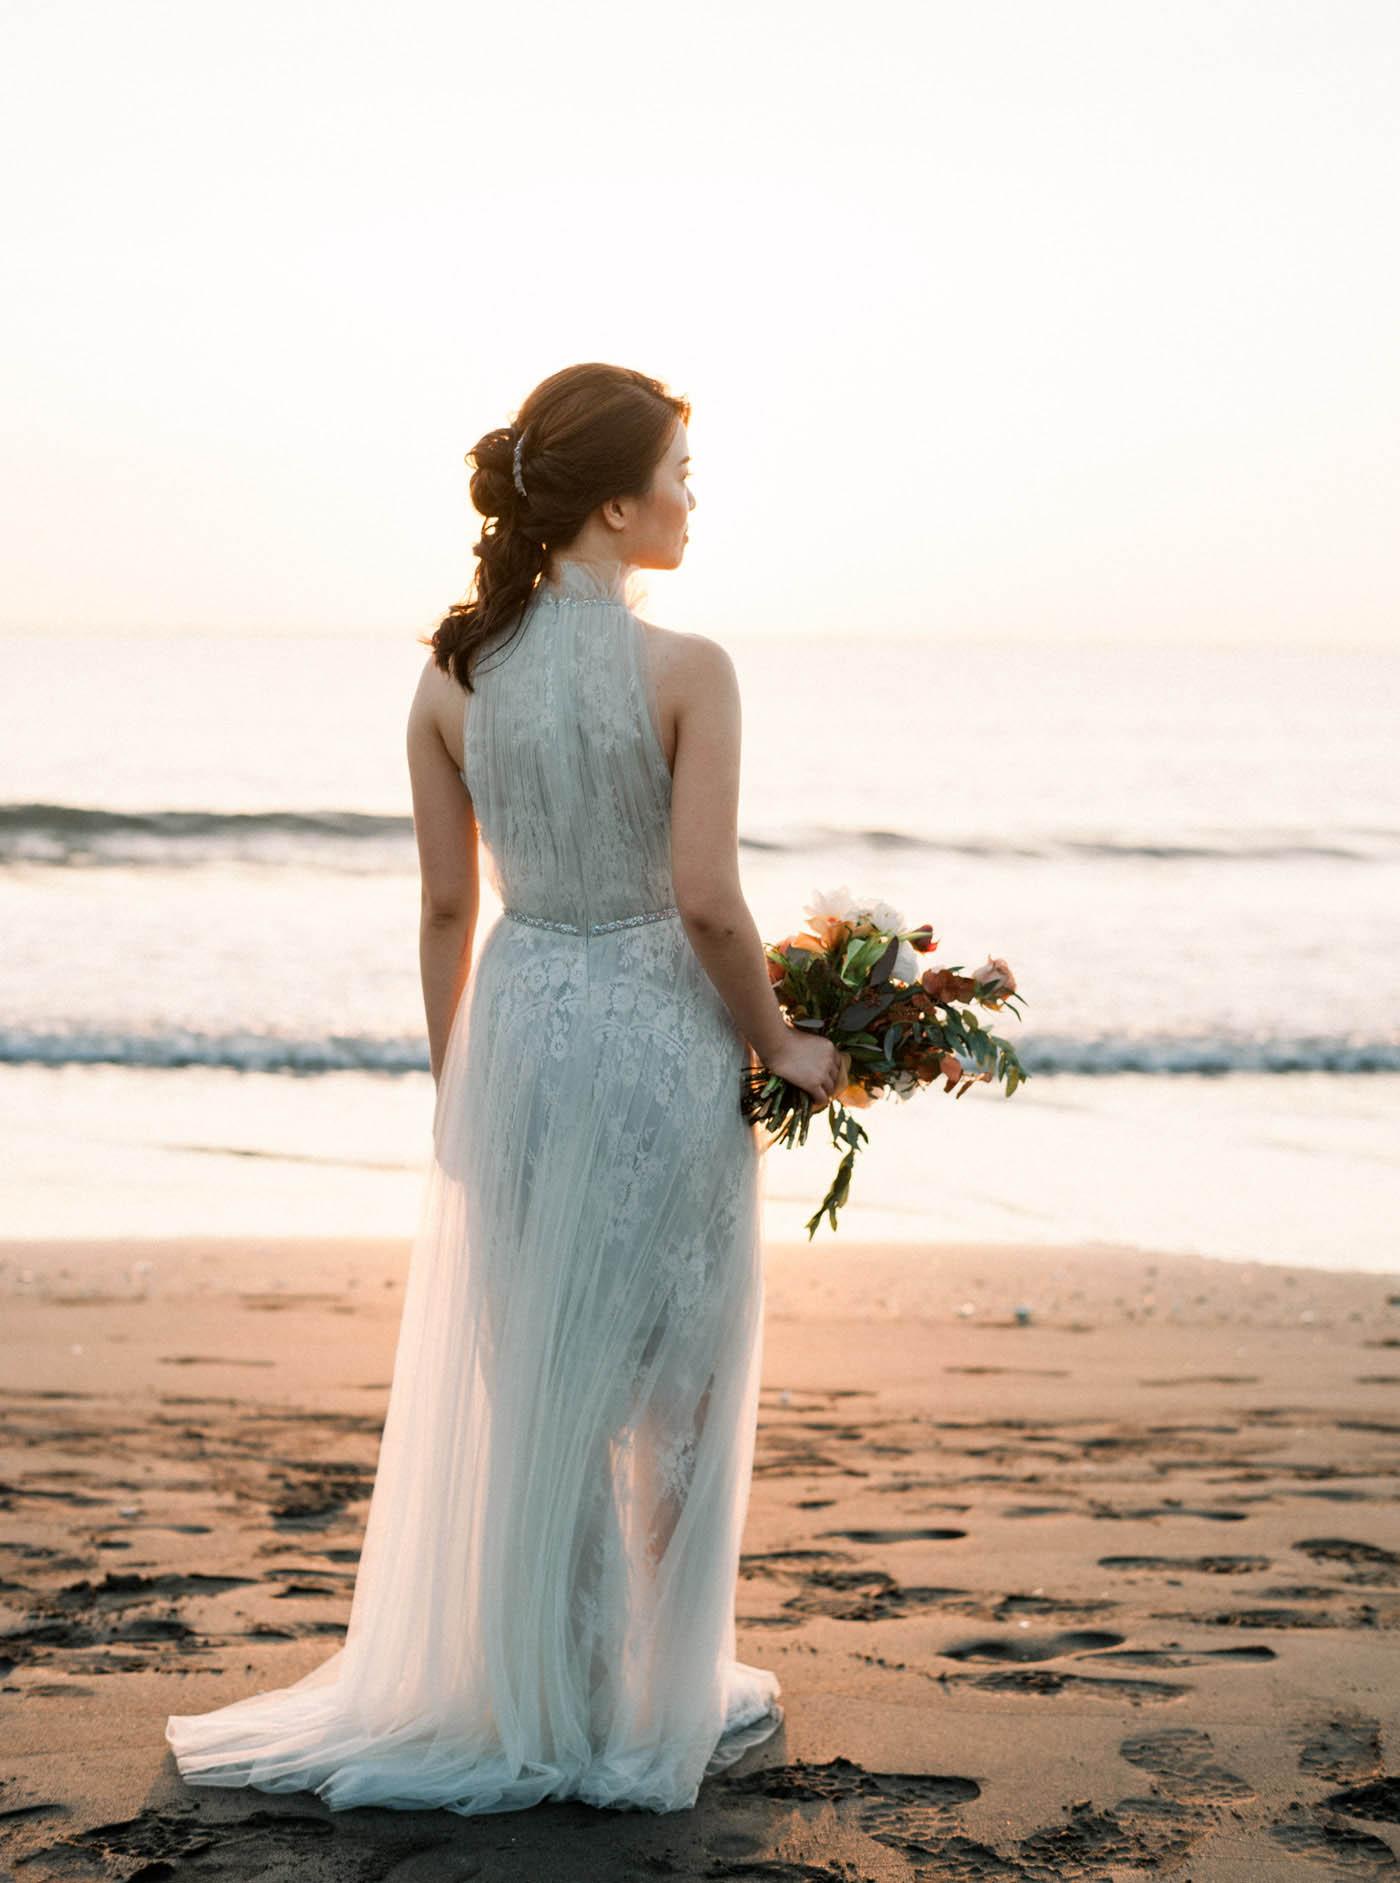 婚紗-STAGE-Mark-夕陽-唯諾禮服-唯諾禮服